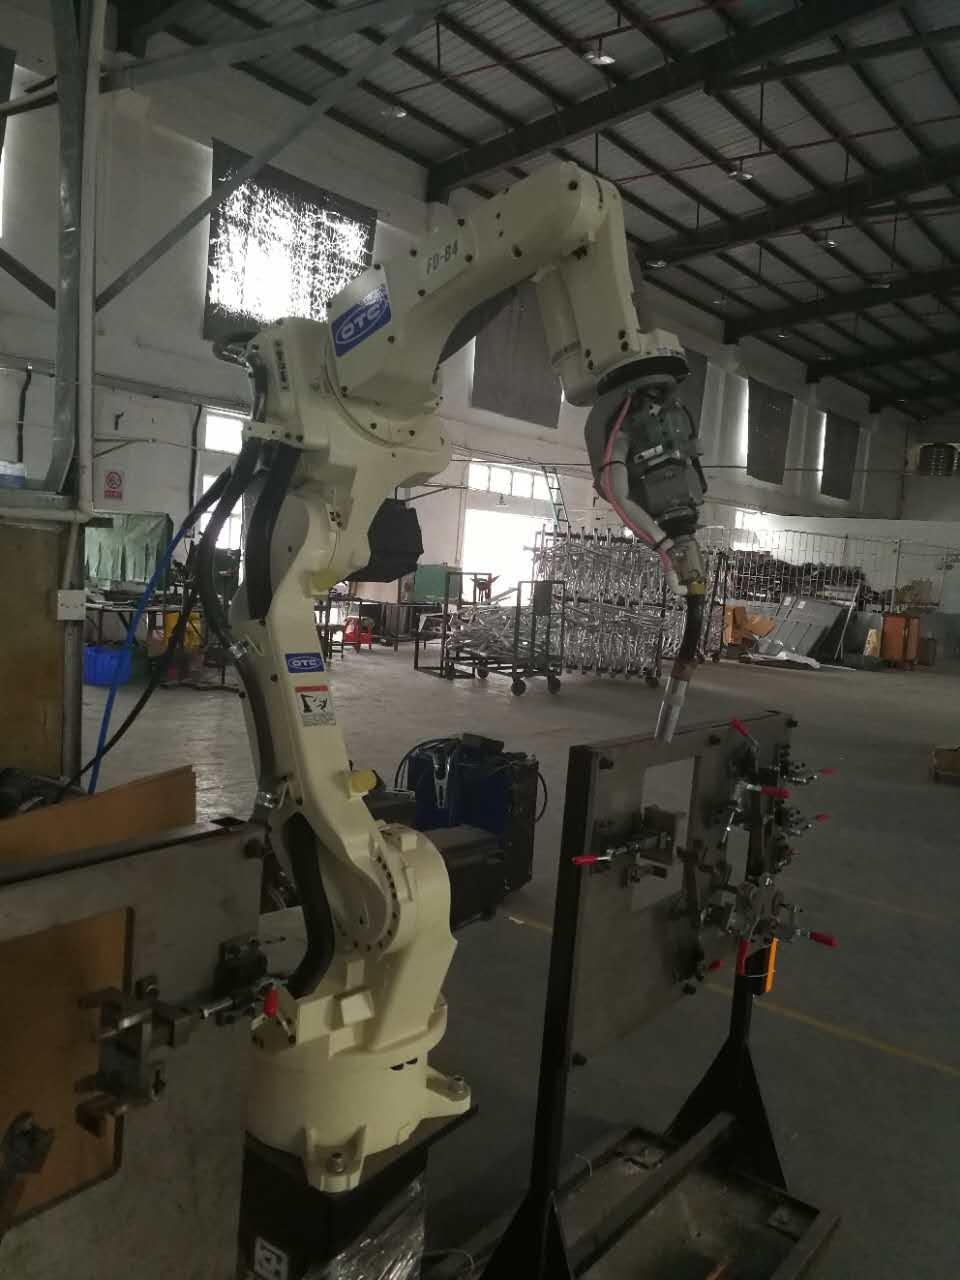 深圳市+OTC焊接機器人+FD-B4+DW300+六軸+專業鋁焊